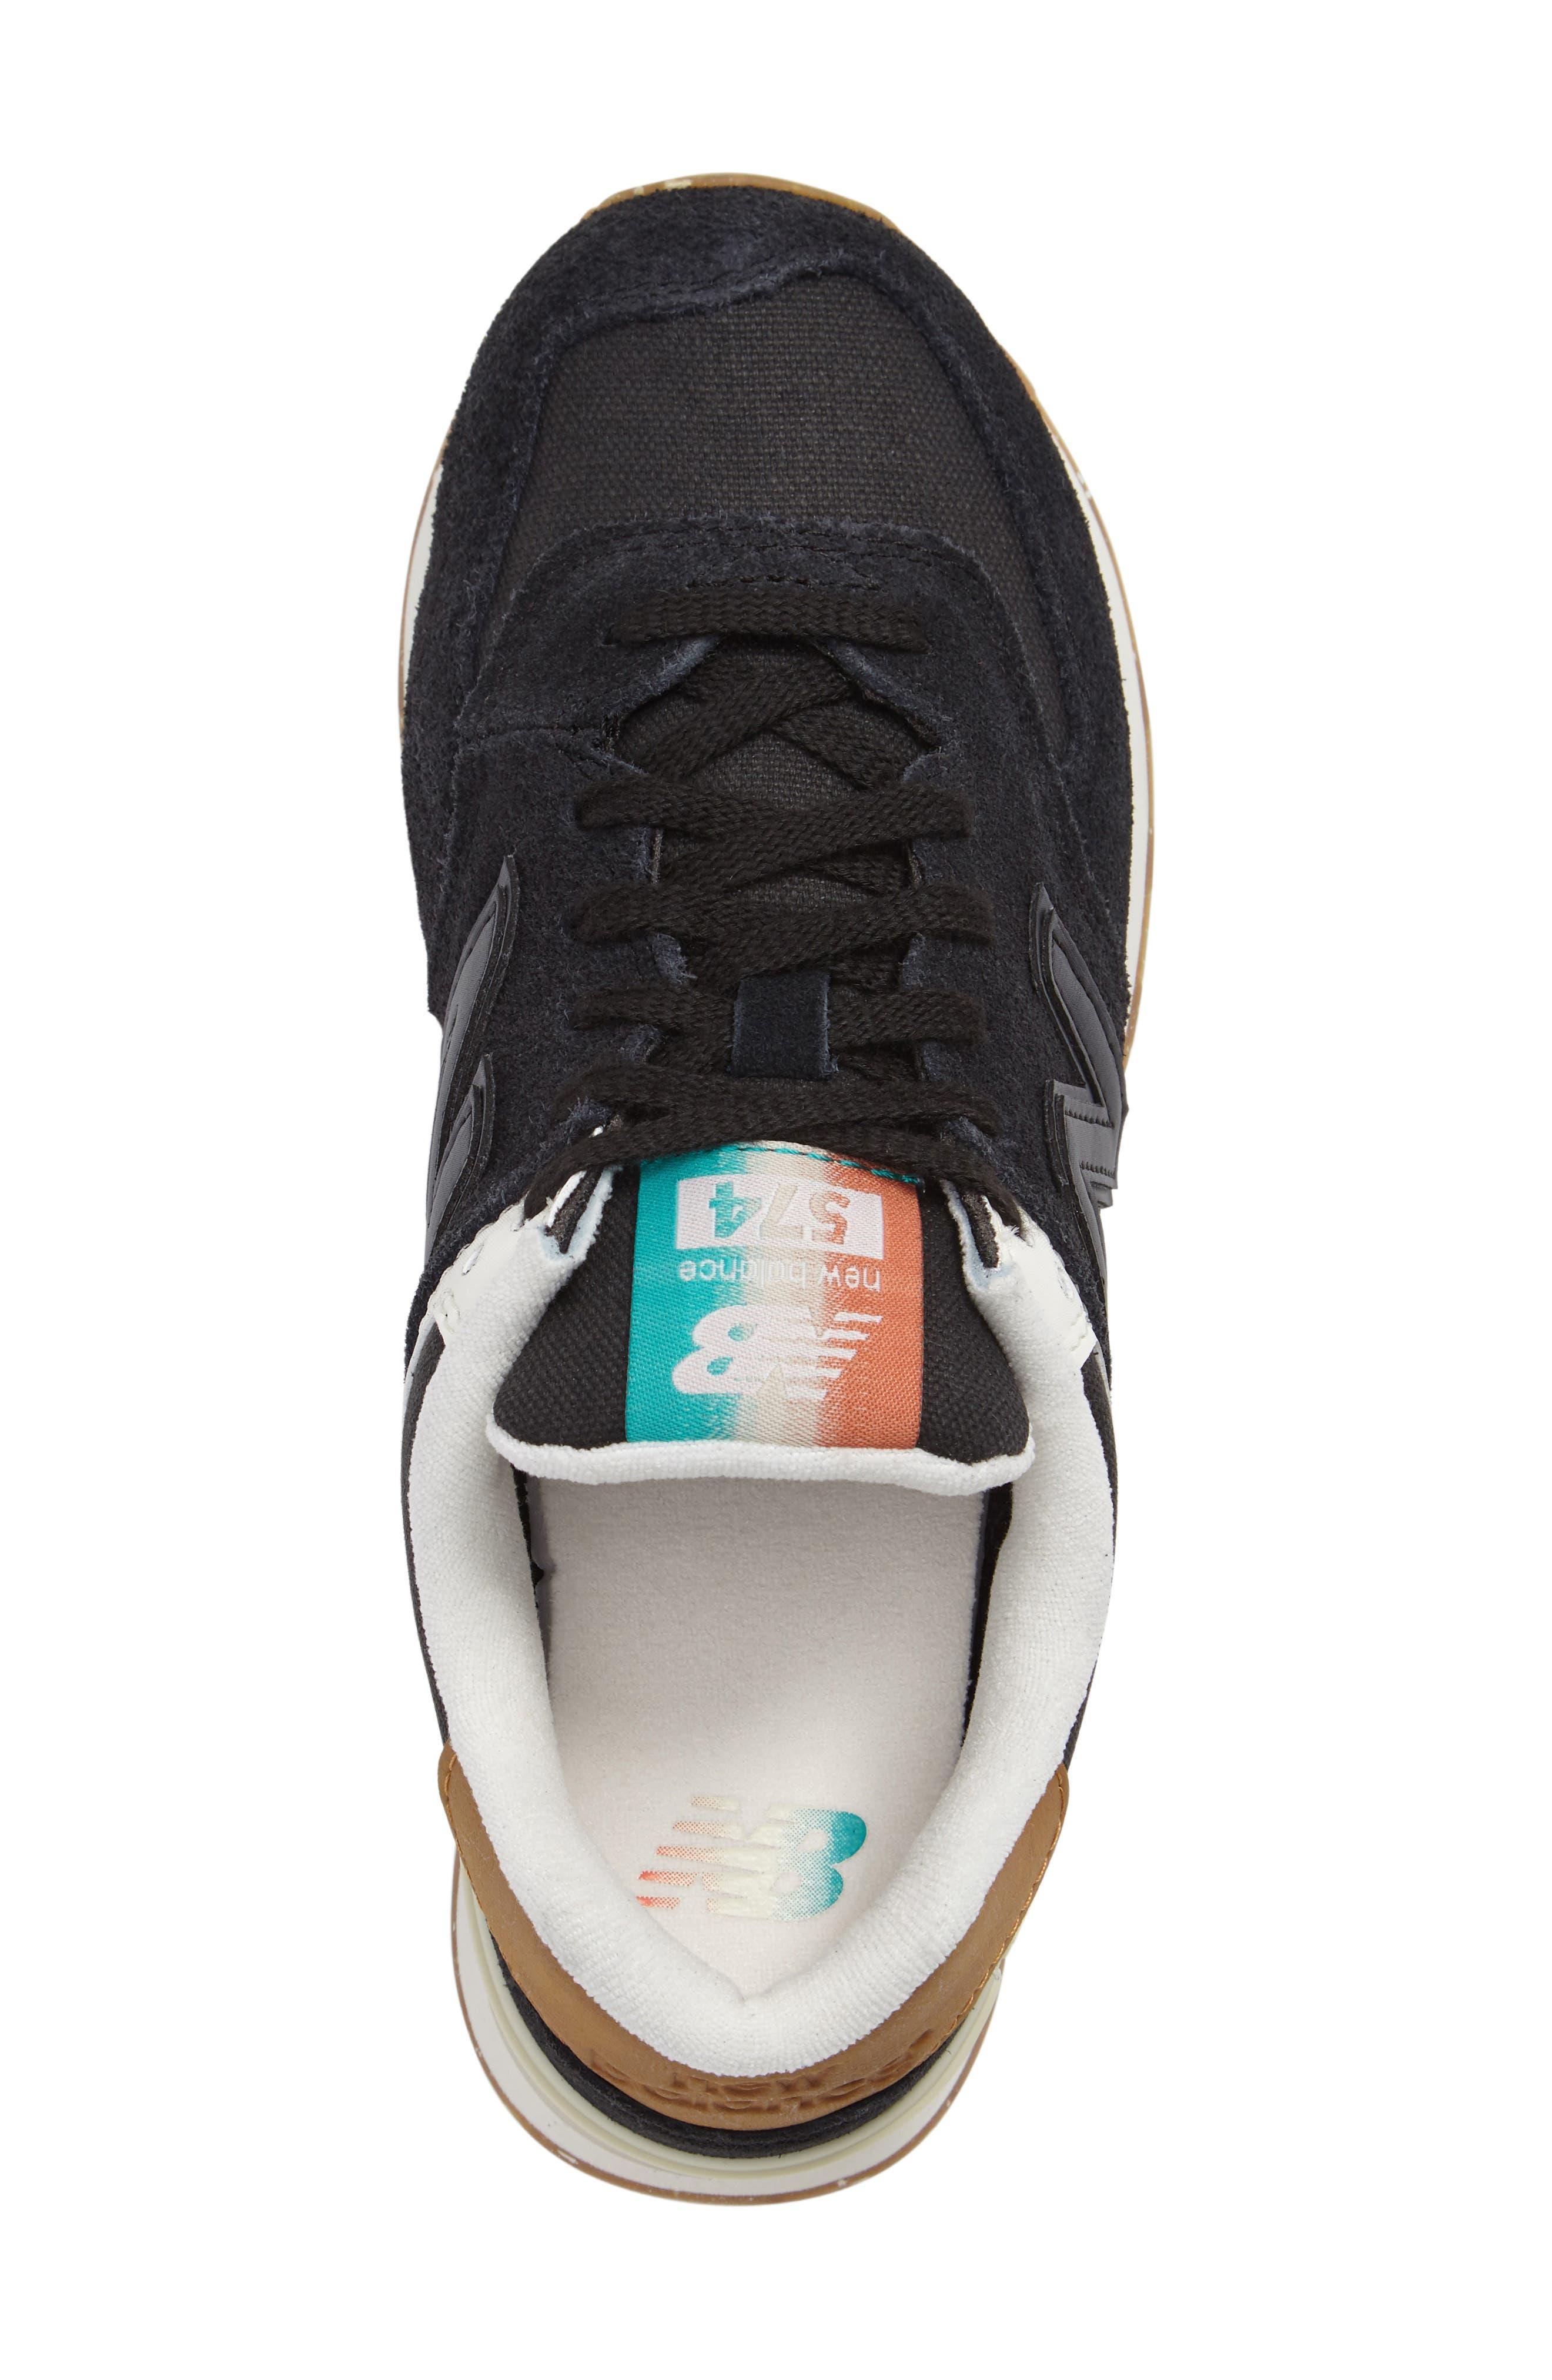 574 Global Surf Sneaker,                             Alternate thumbnail 3, color,                             001